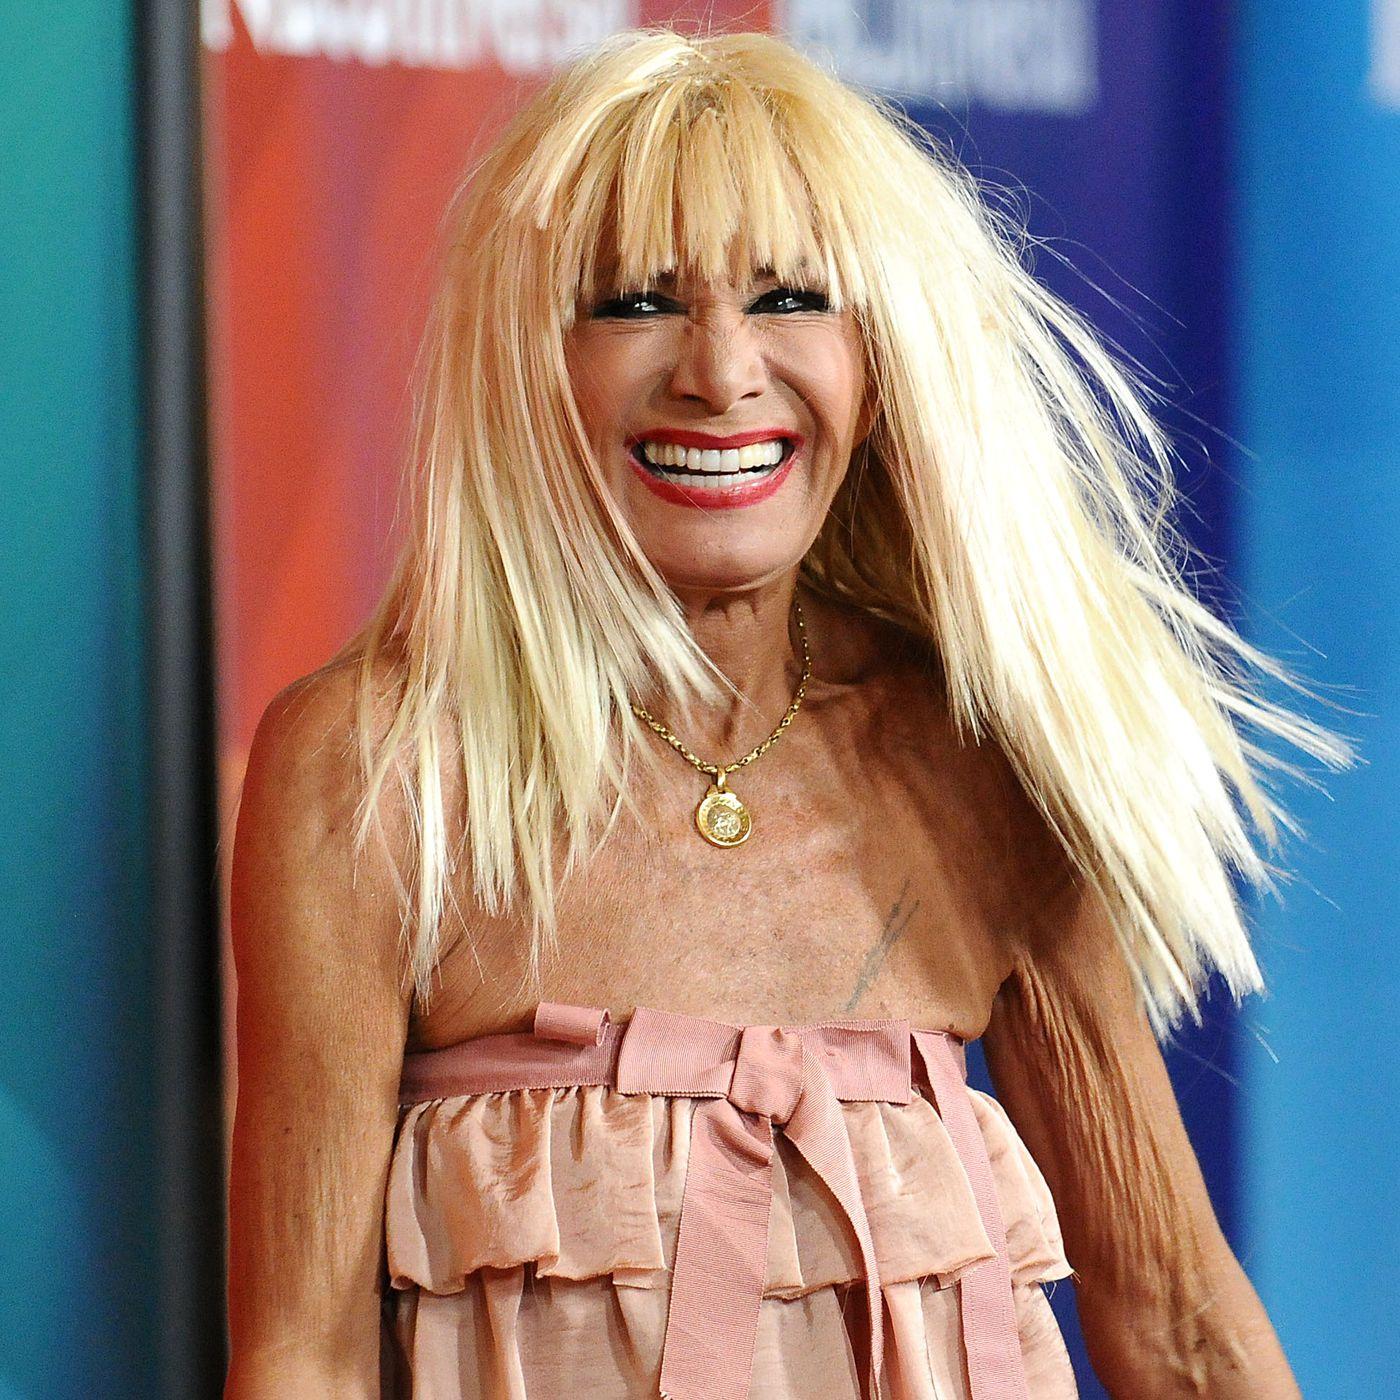 Betsey Johnson Fashion Fairy Godmother On Moving Forward Racked